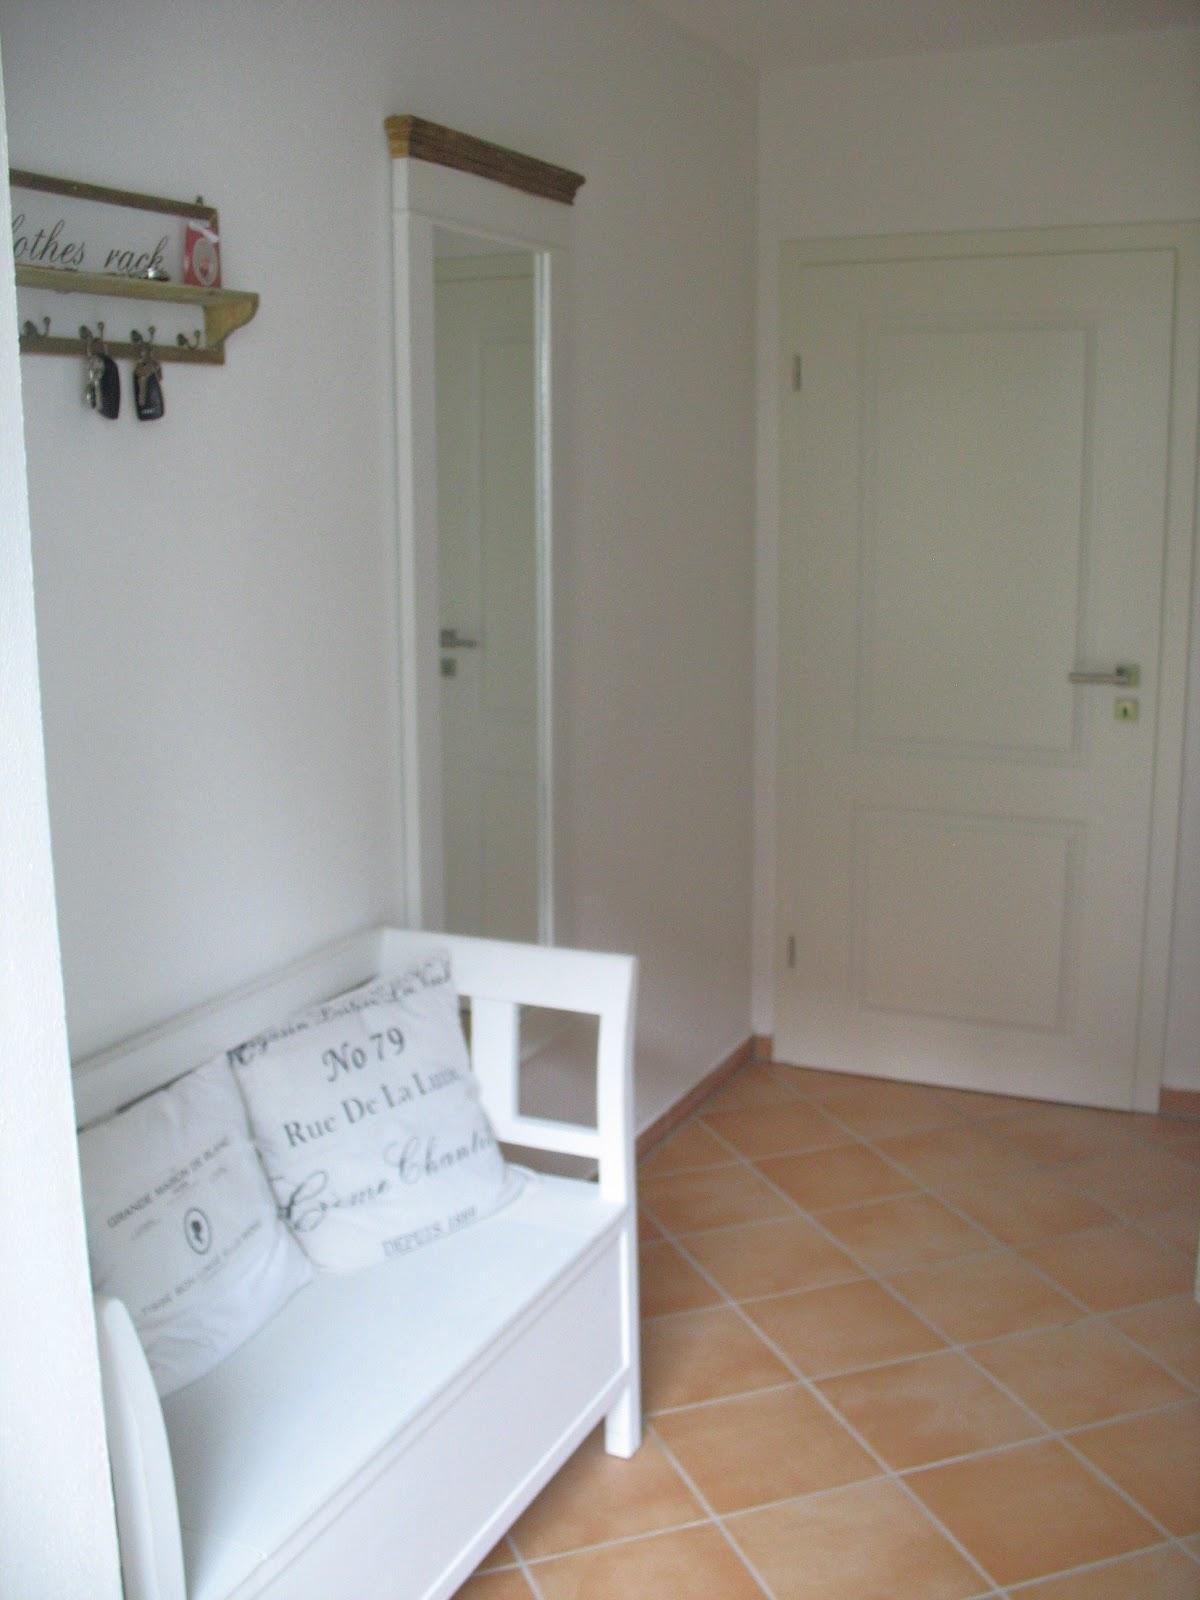 min lille hus september 2012. Black Bedroom Furniture Sets. Home Design Ideas